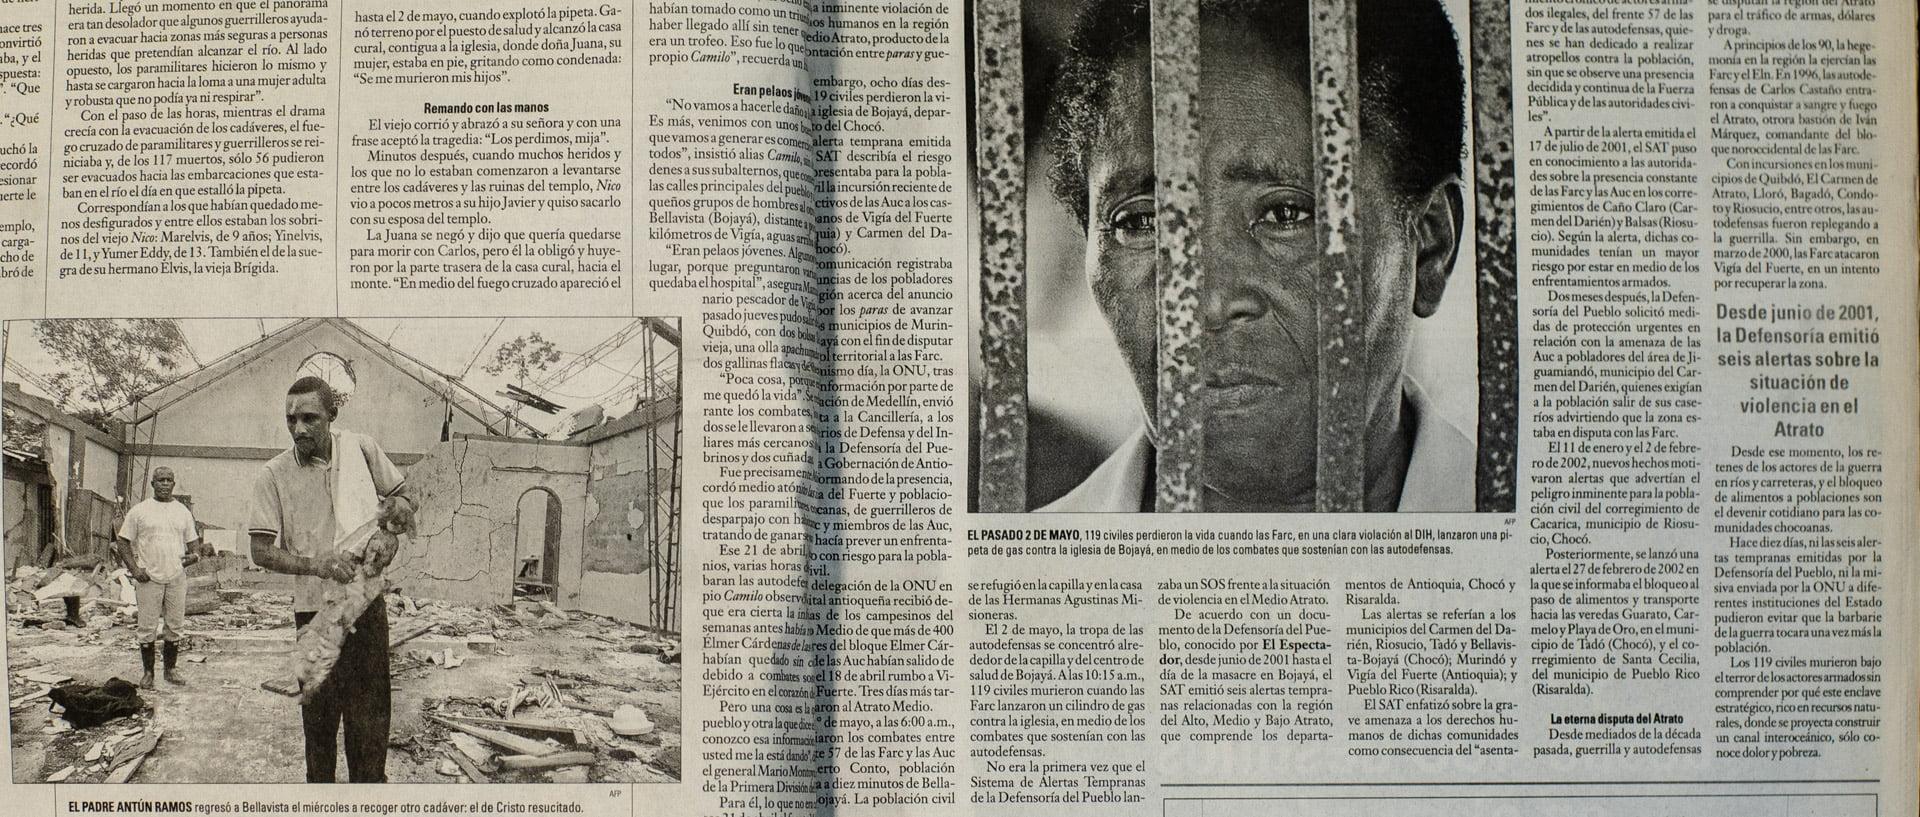 EL ESPECTADOR, 12 de mayo de 2002